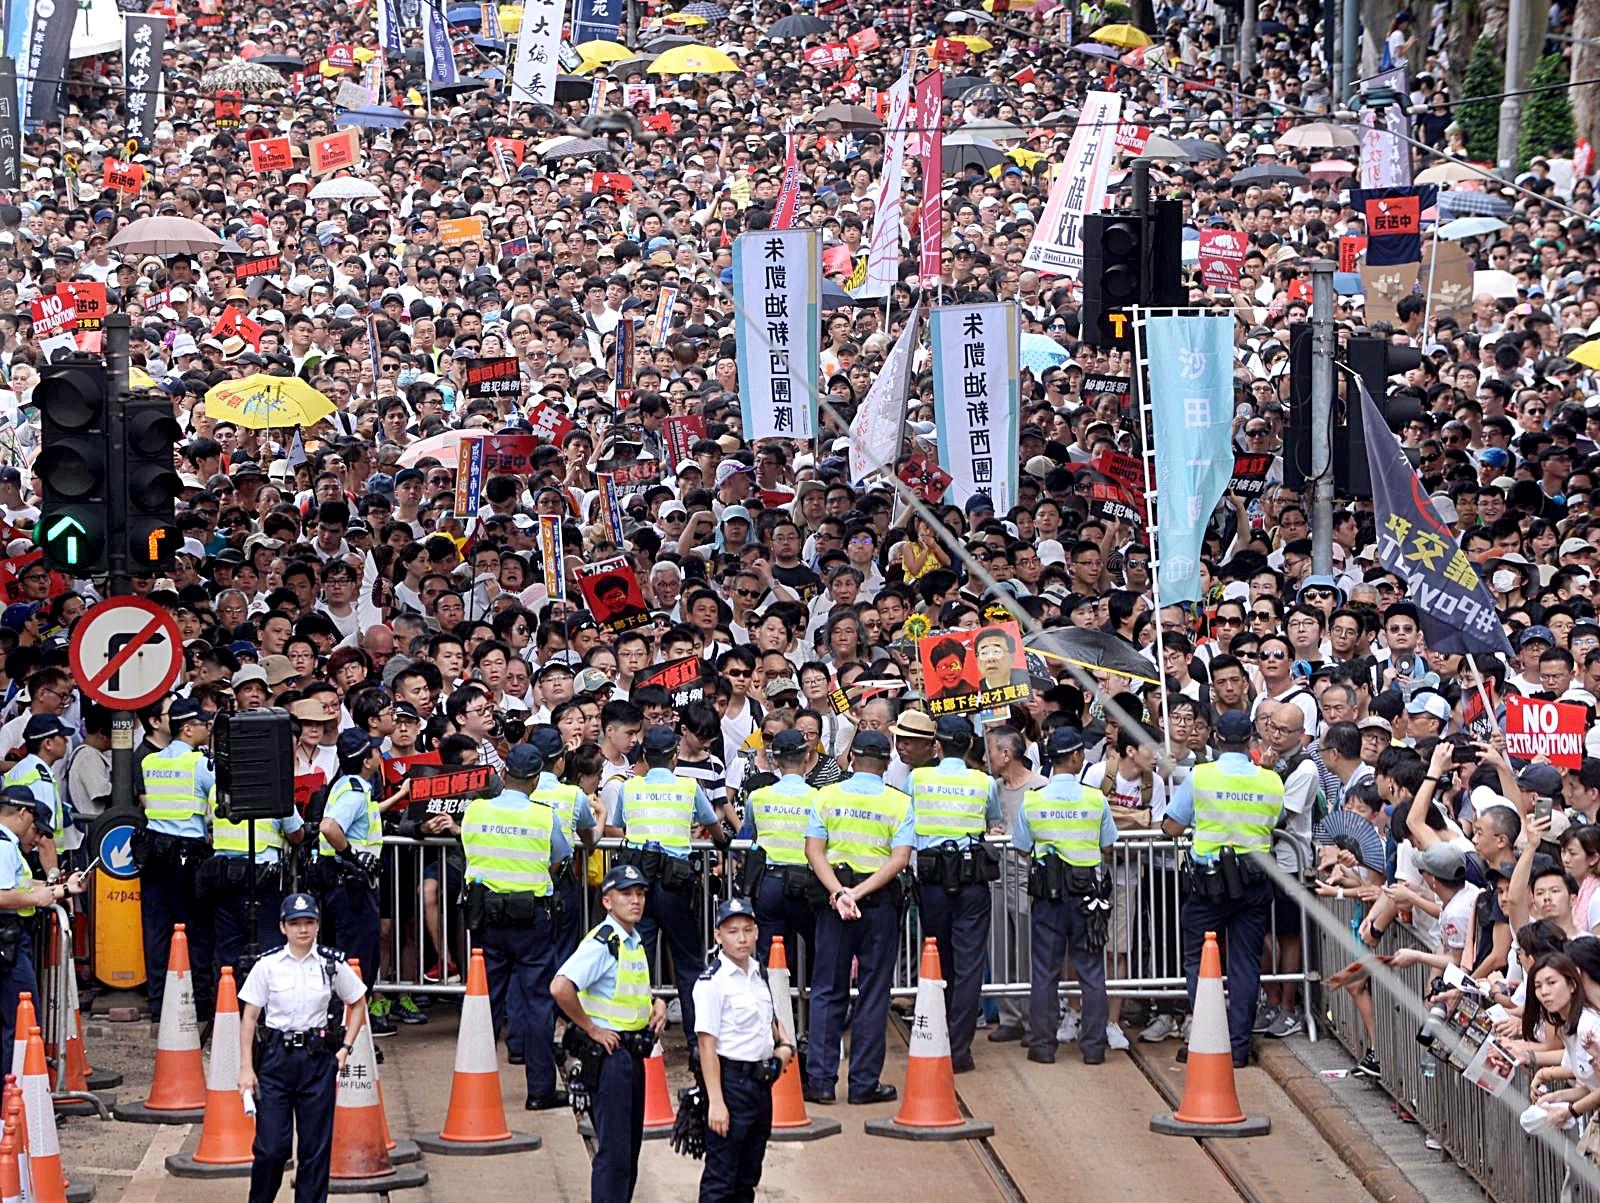 警方拒全放馬路給請願人士。